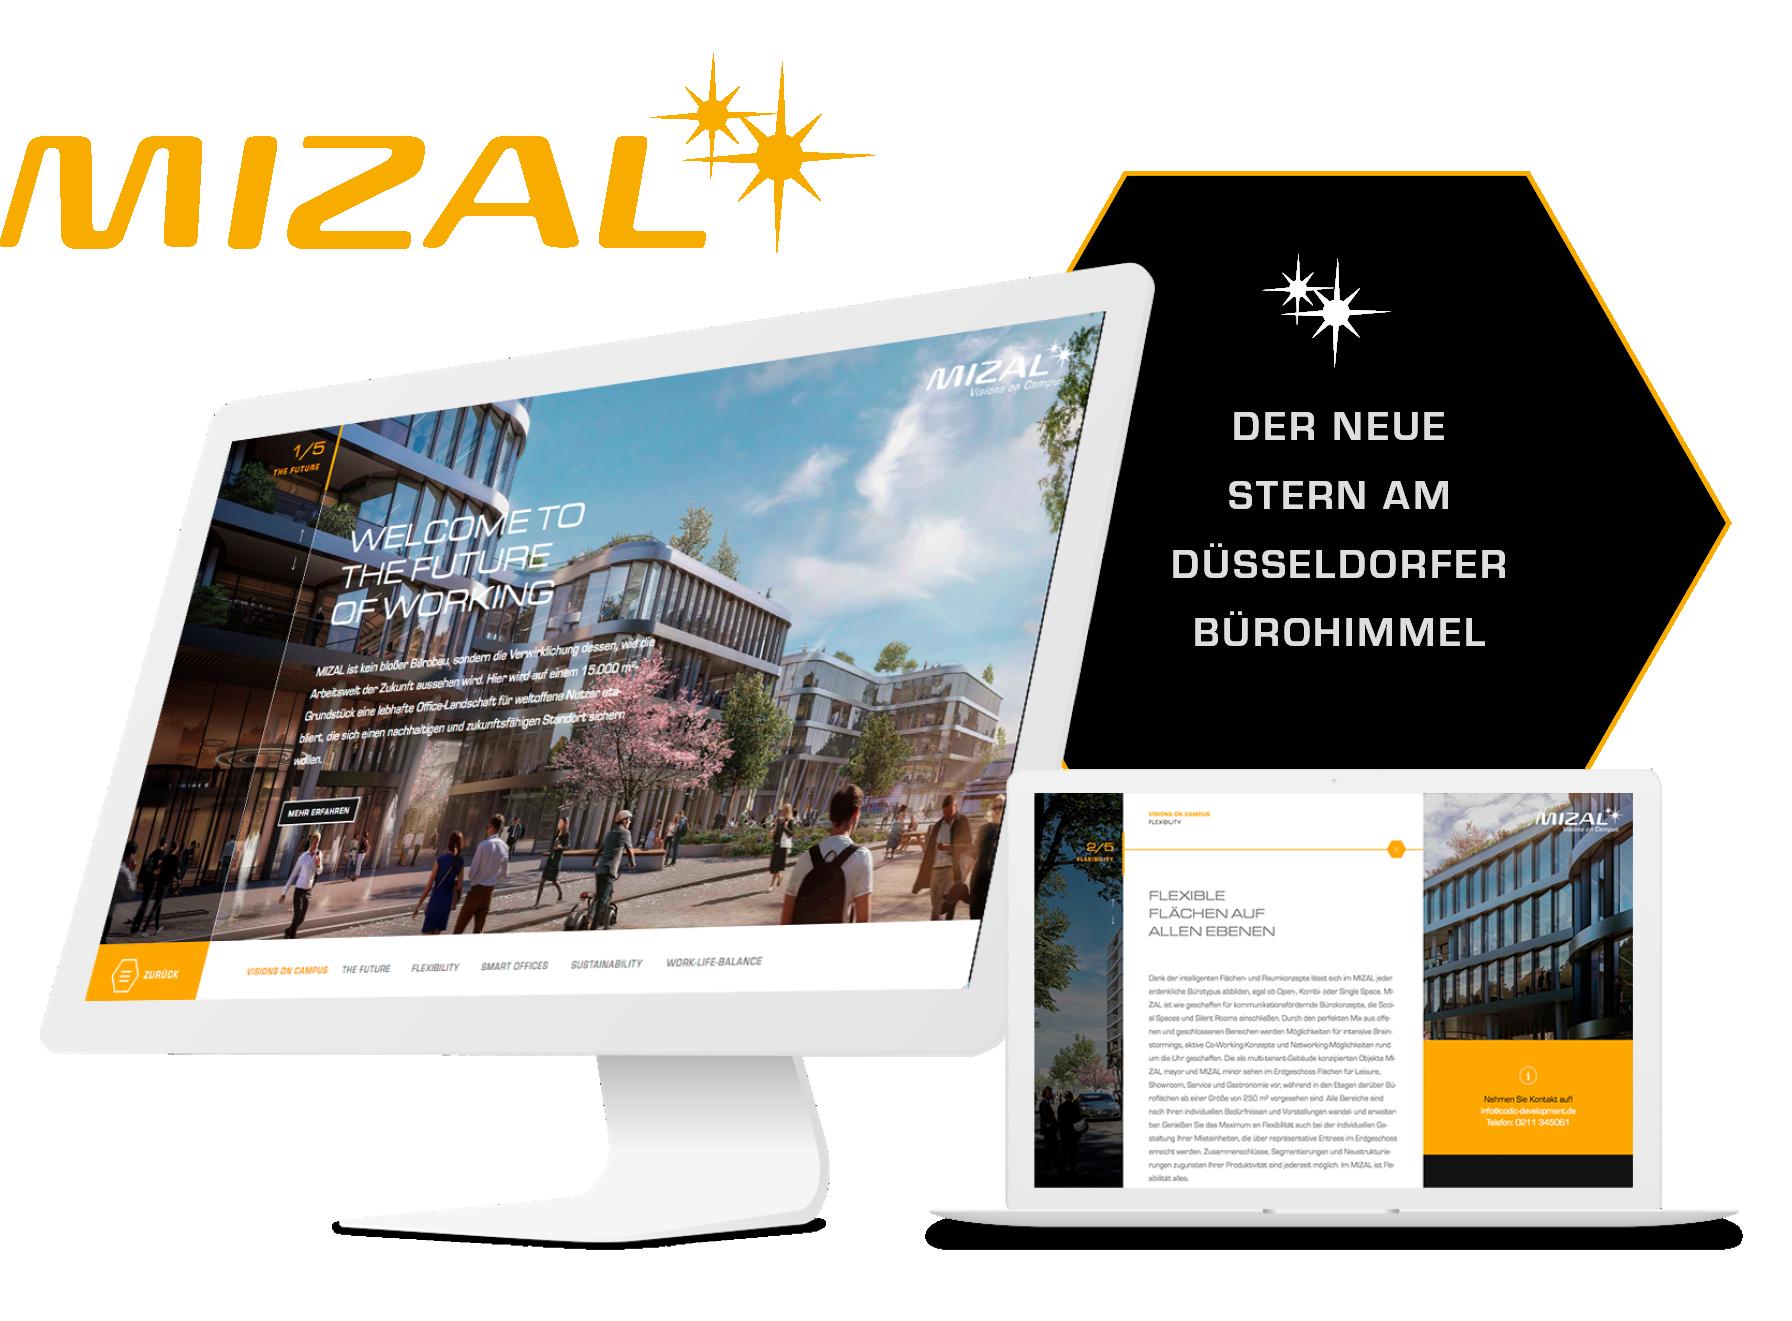 Samt&Seidel_Referenzen_MIZAL_Design_14